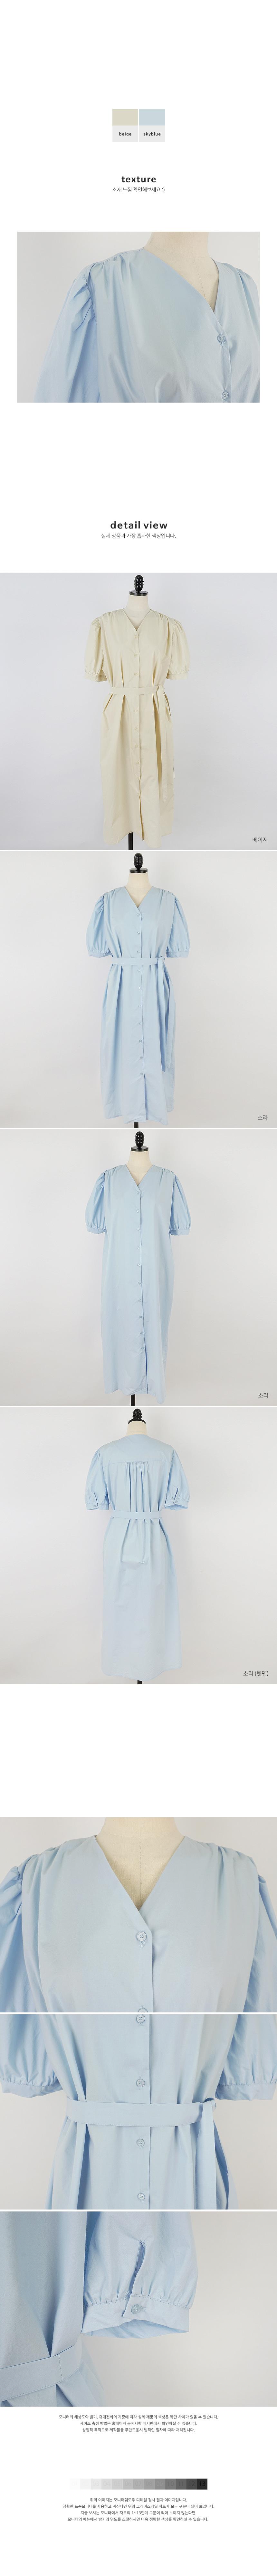 Awesome shirt puff Dress